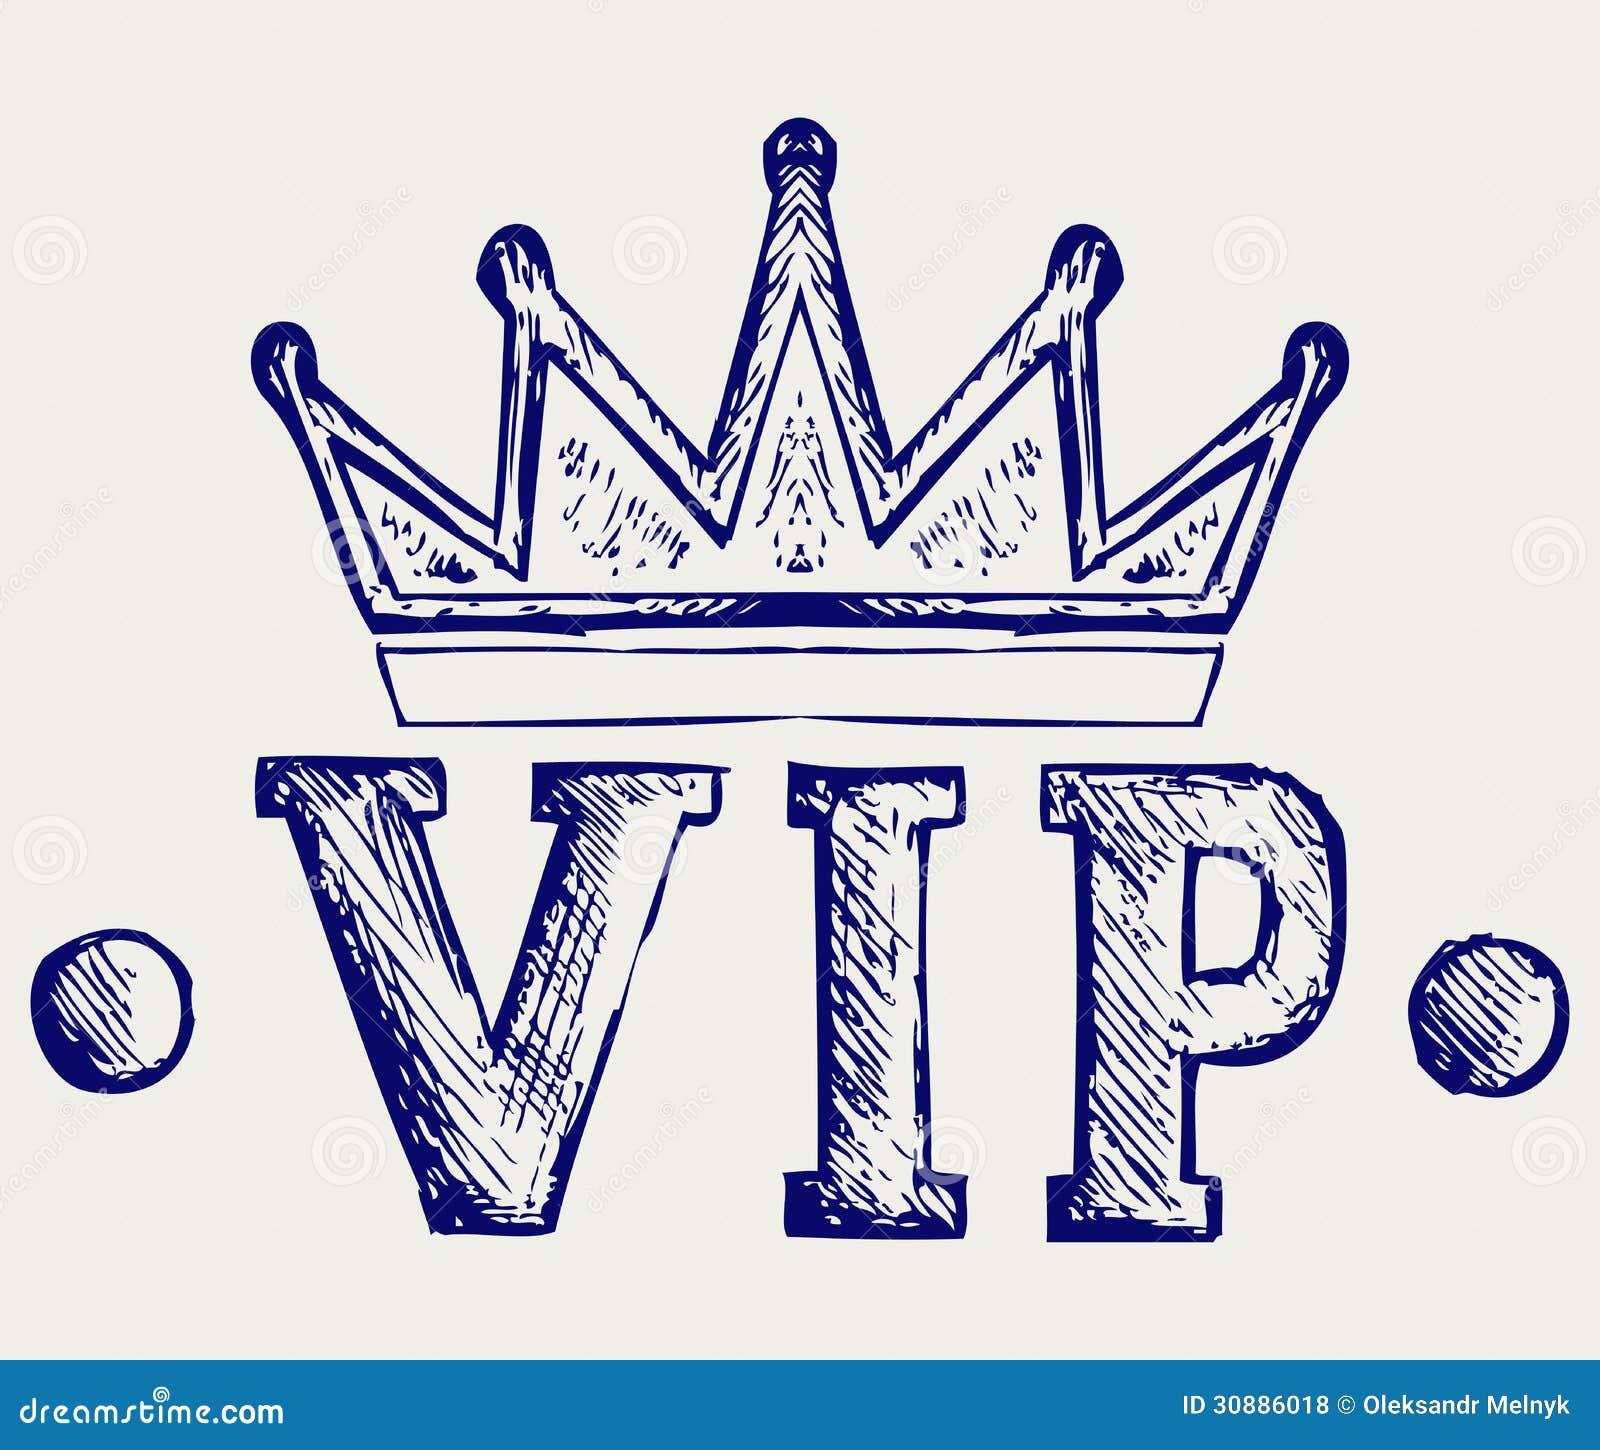 Vip冠标志